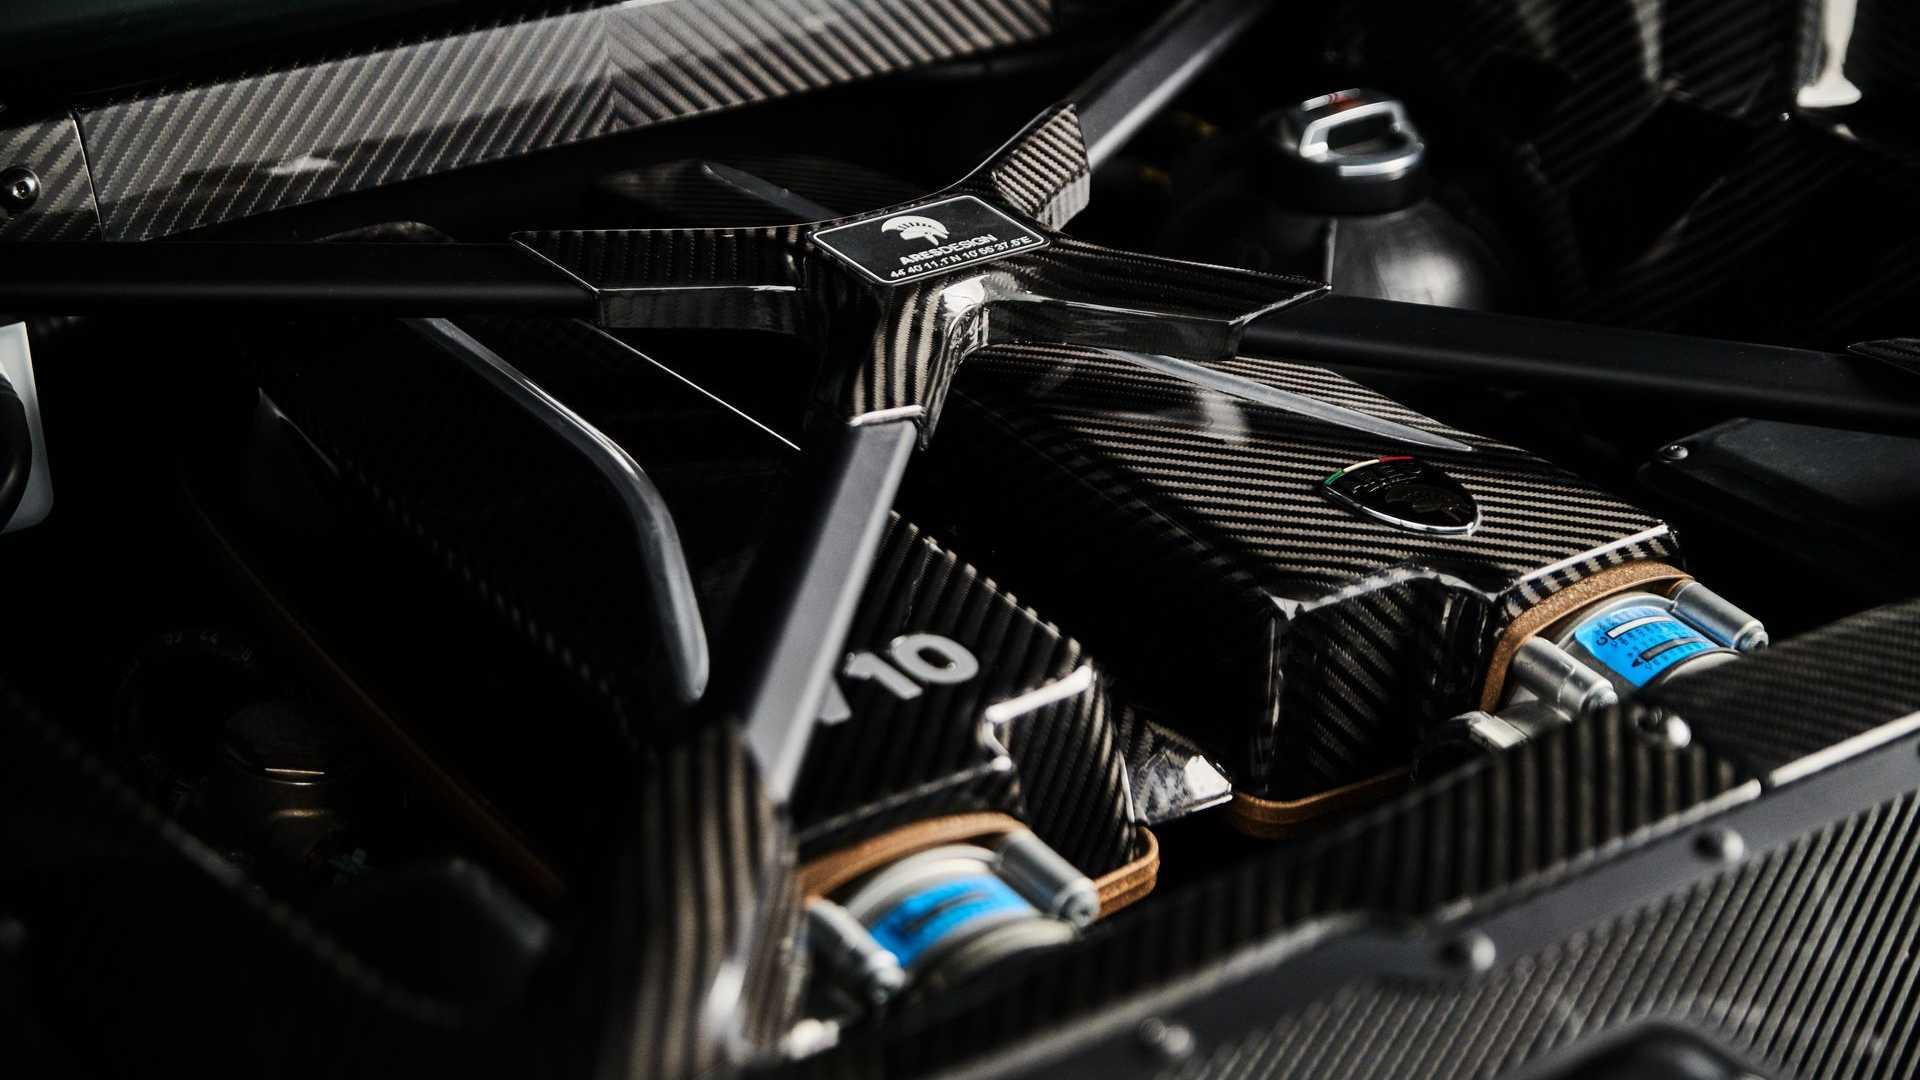 2021-ares-design-progetto-uno-engine